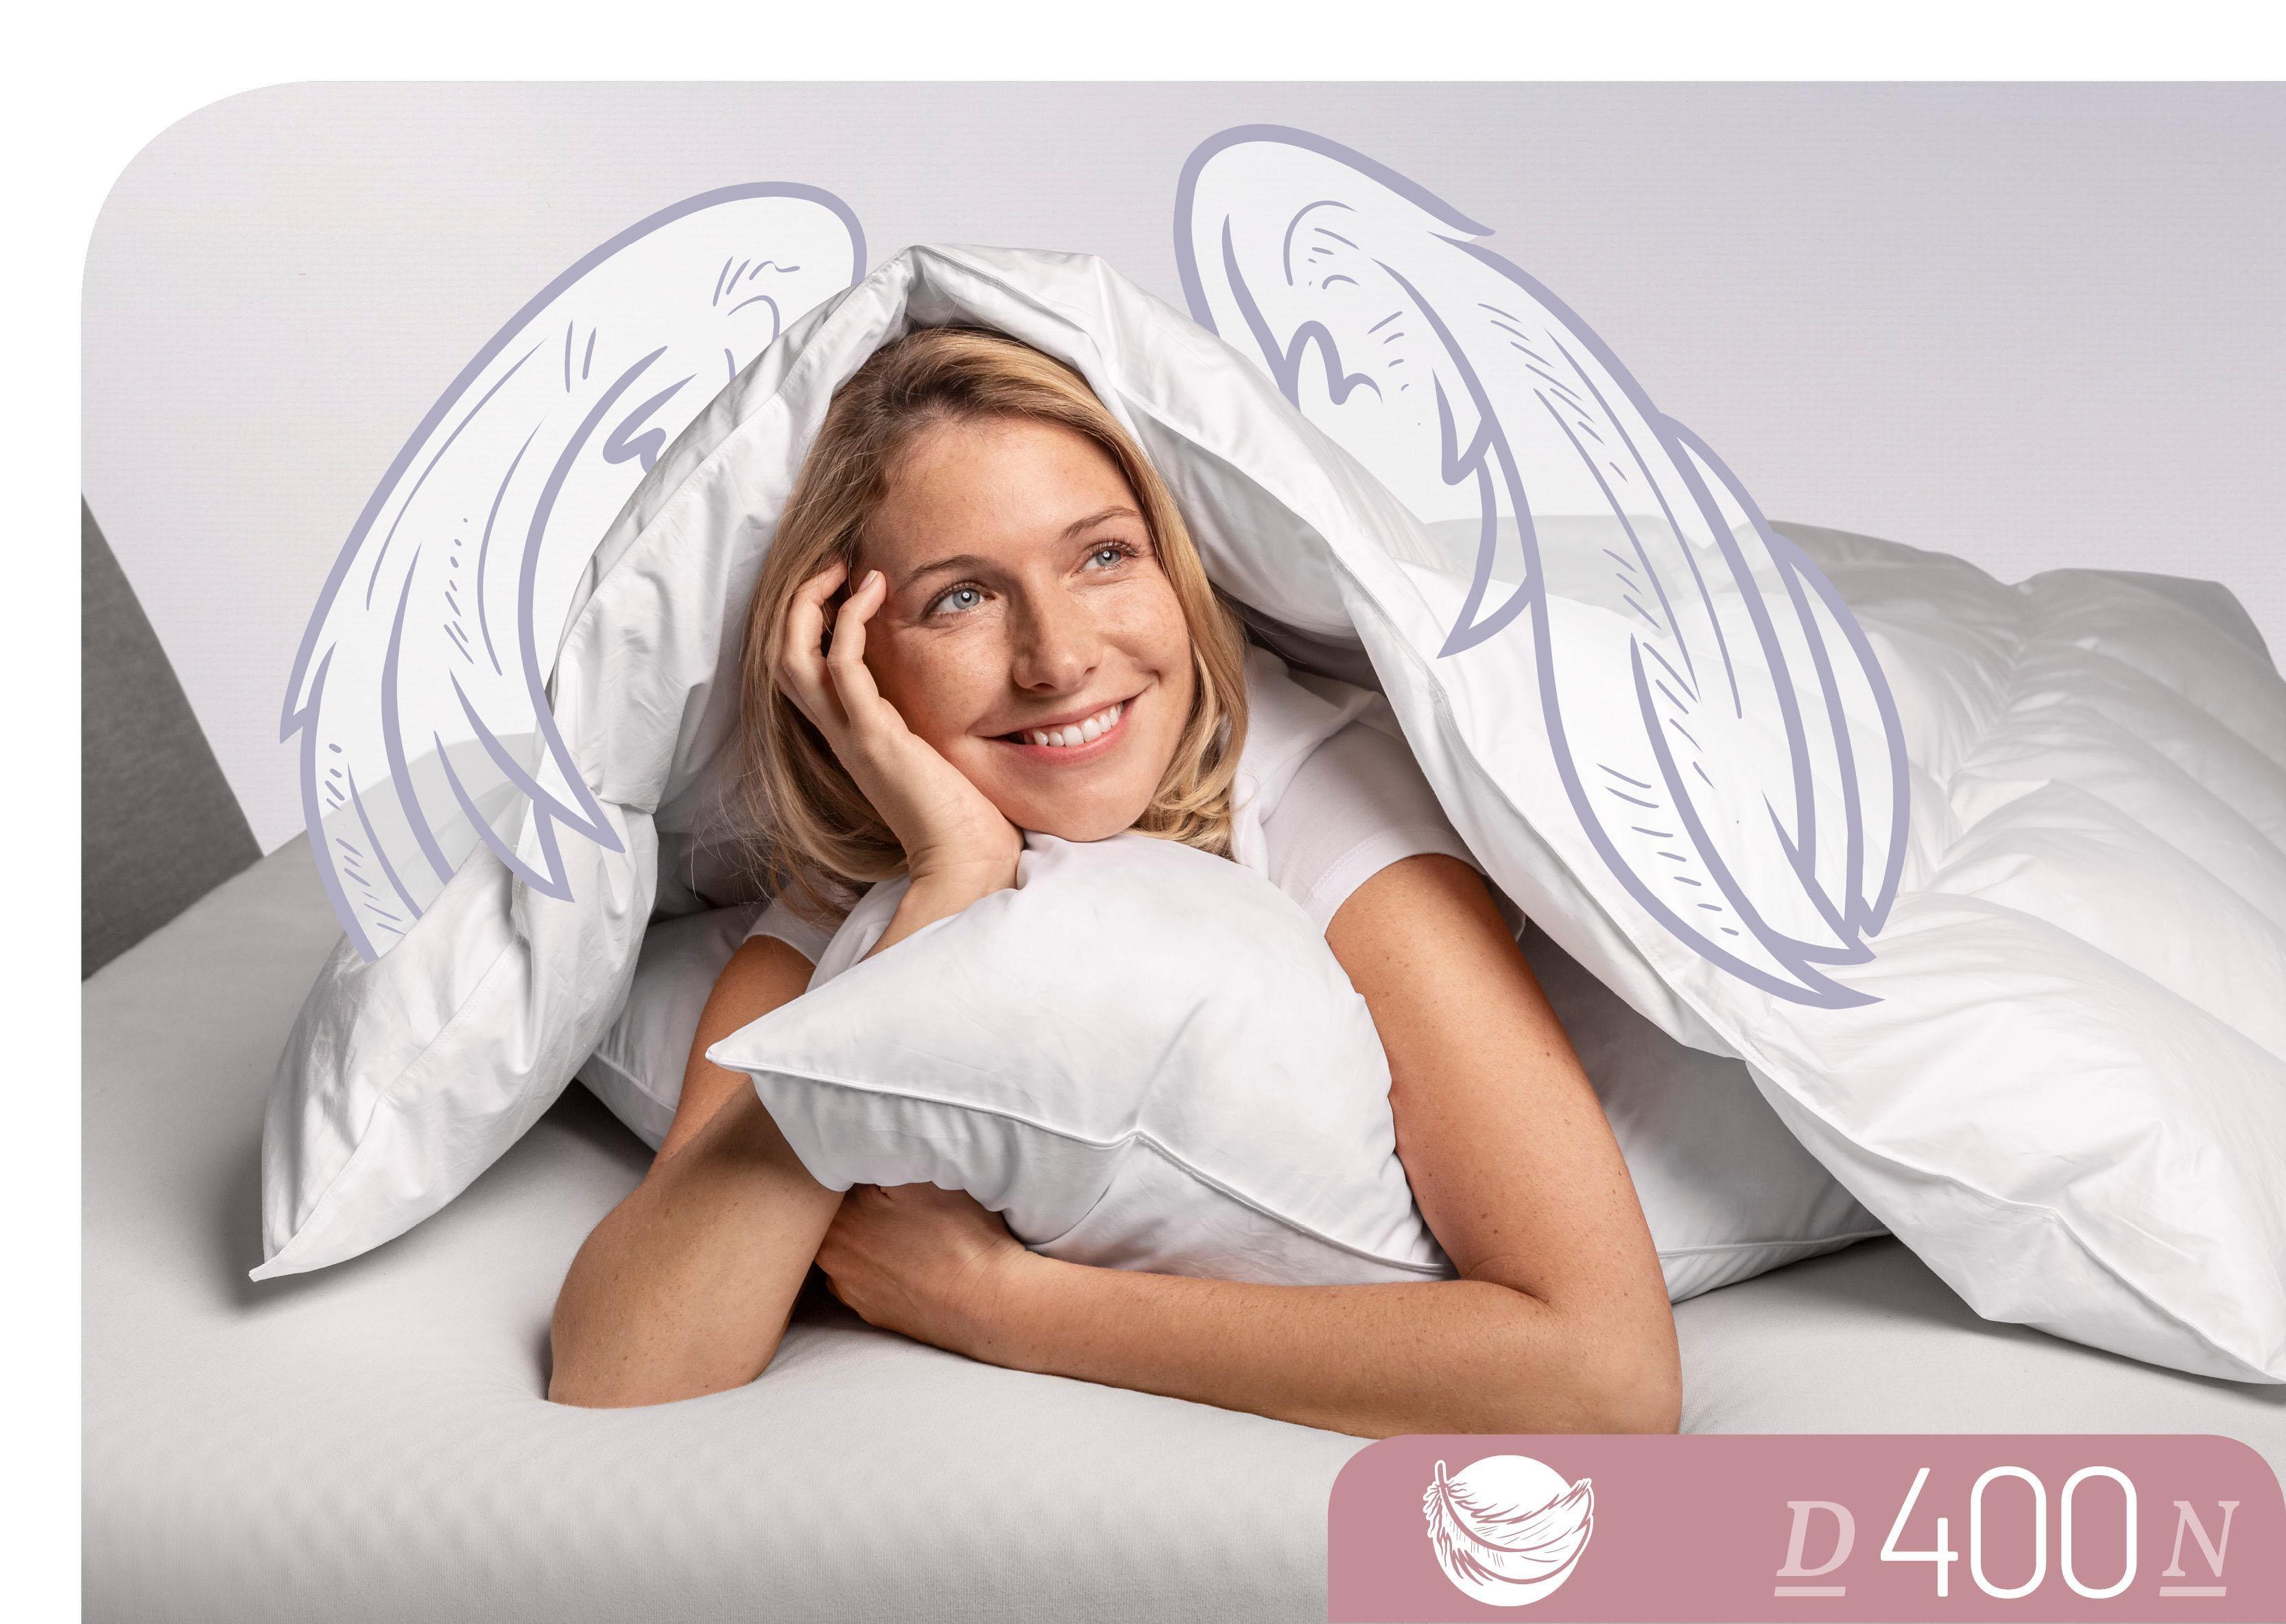 Daunenbettdecke D400 Schlafstil normal Füllung: 90% Daunen 10% Federn Bezug: 100% Baumwolle